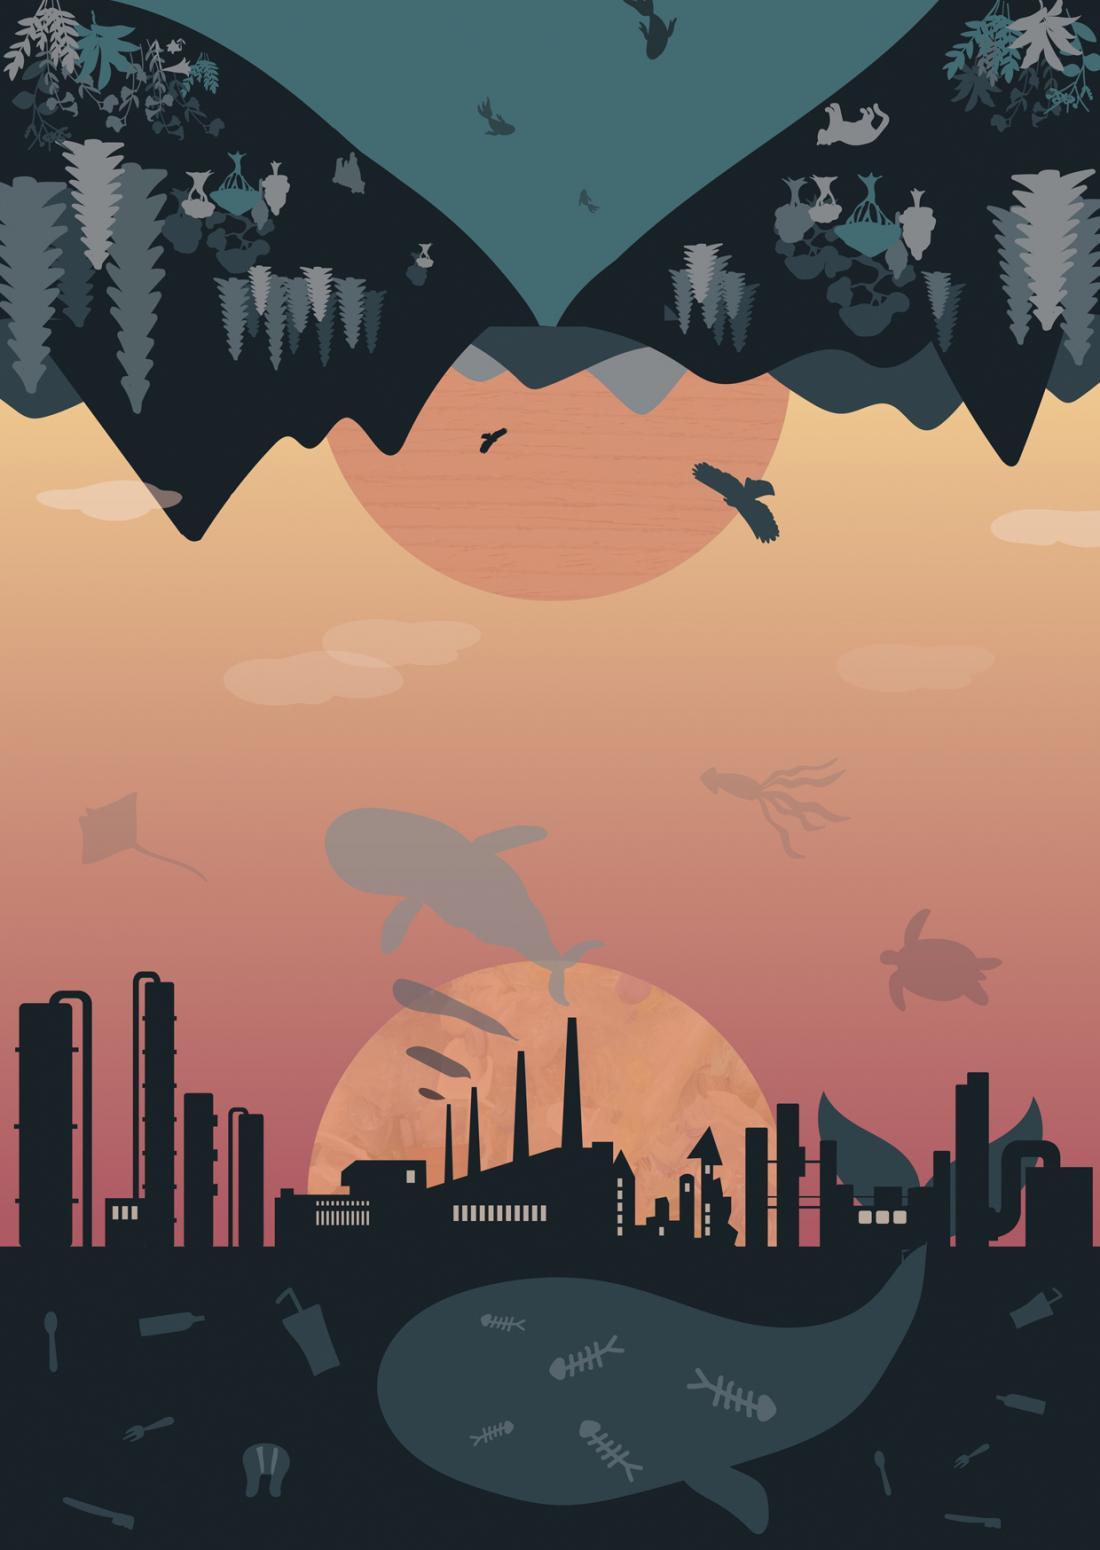 顛倒世界:兩個世界對映著日落與日出,一邊